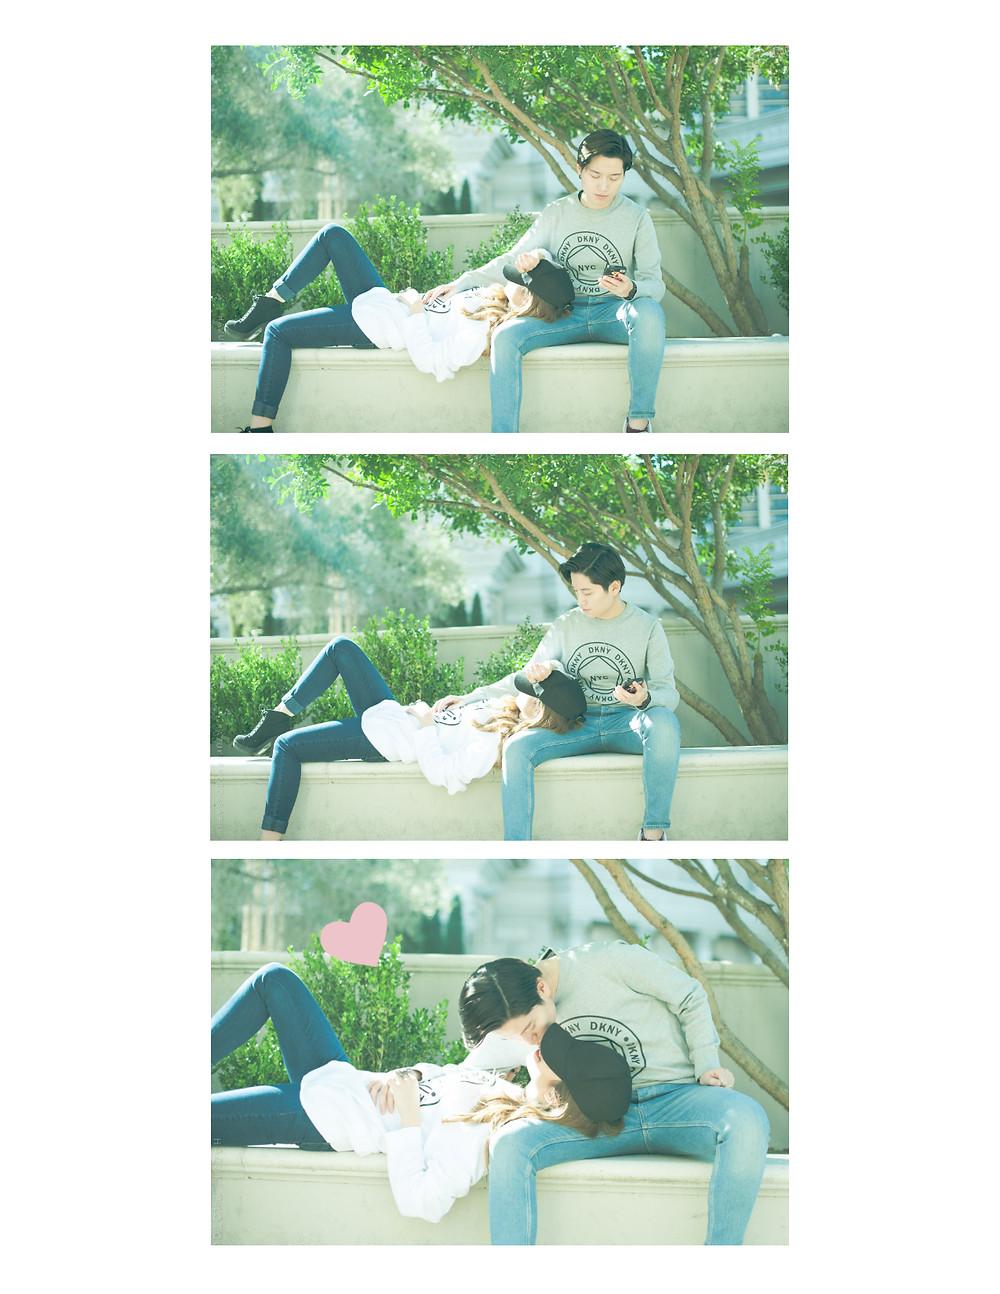 hazukiphotography_lasvegas_lesbiancouple_cute_taiwan_american_kiss_manga